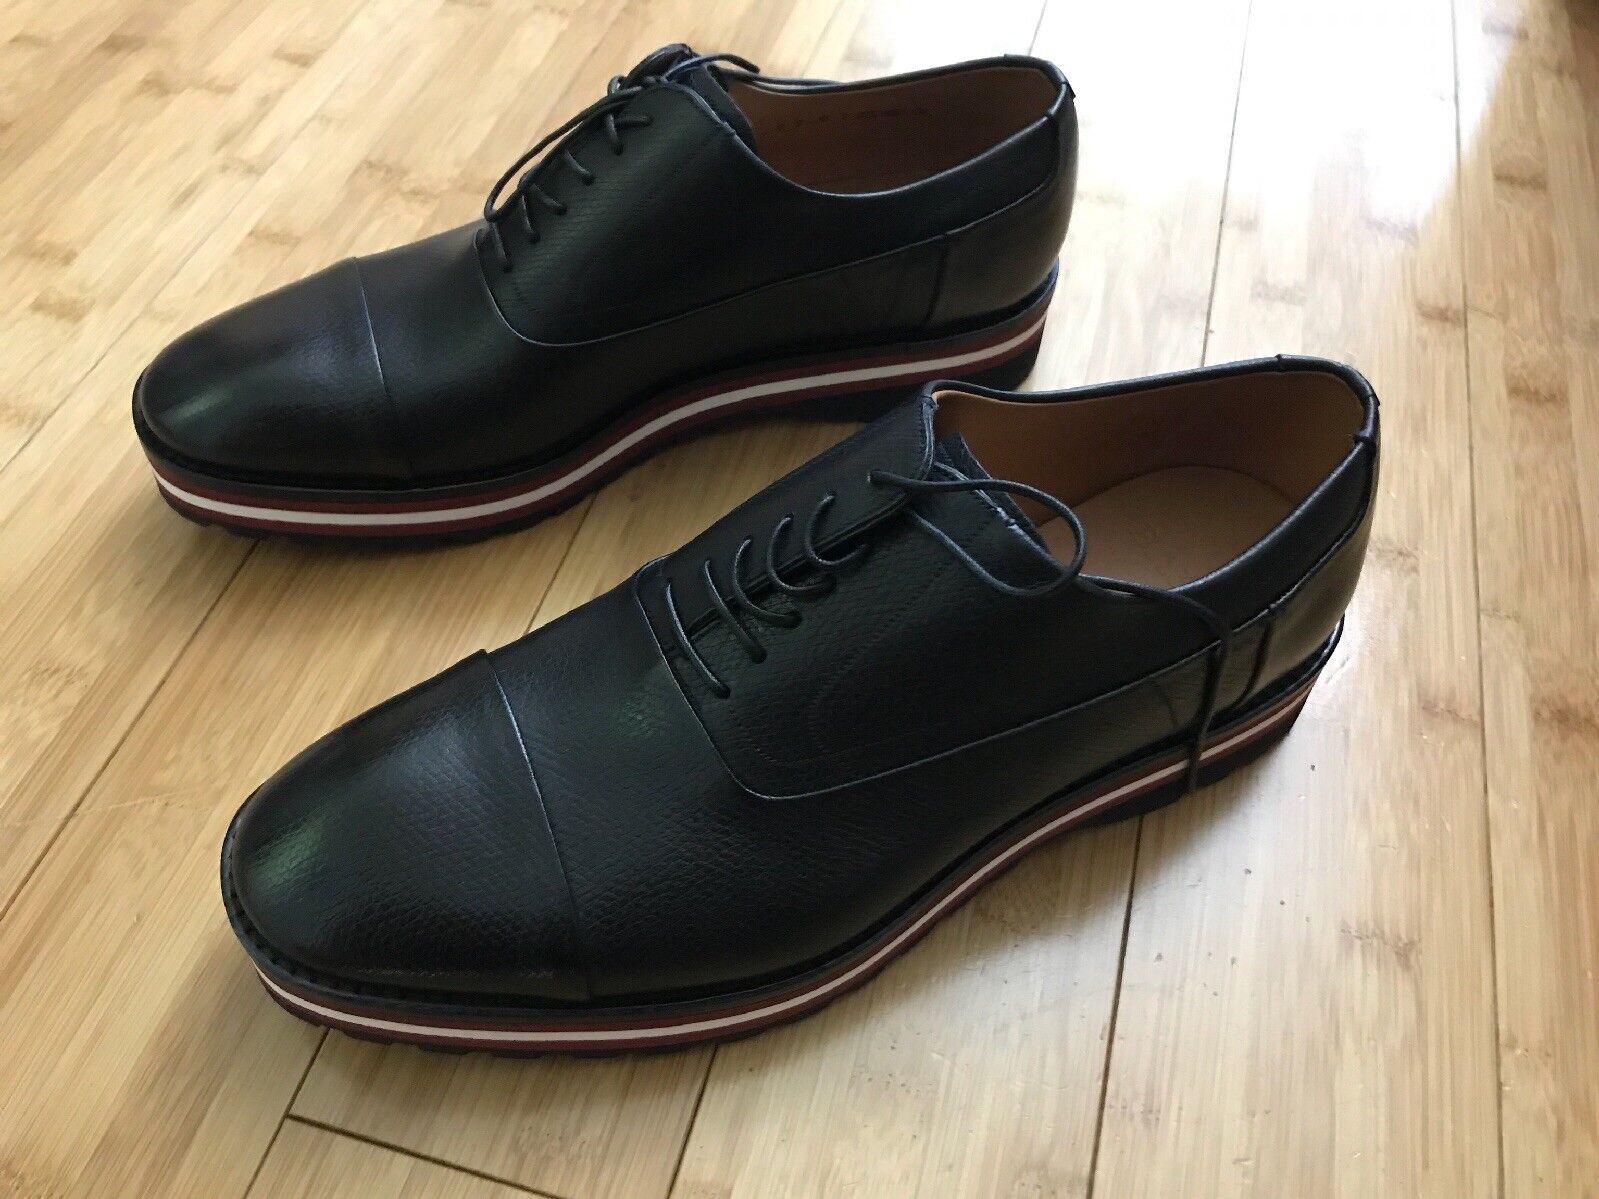 benvenuto a comprare Bally Of Switzerland Moby Calf Grained scarpe For For For Uomo Dimensione 10  negozio di sconto